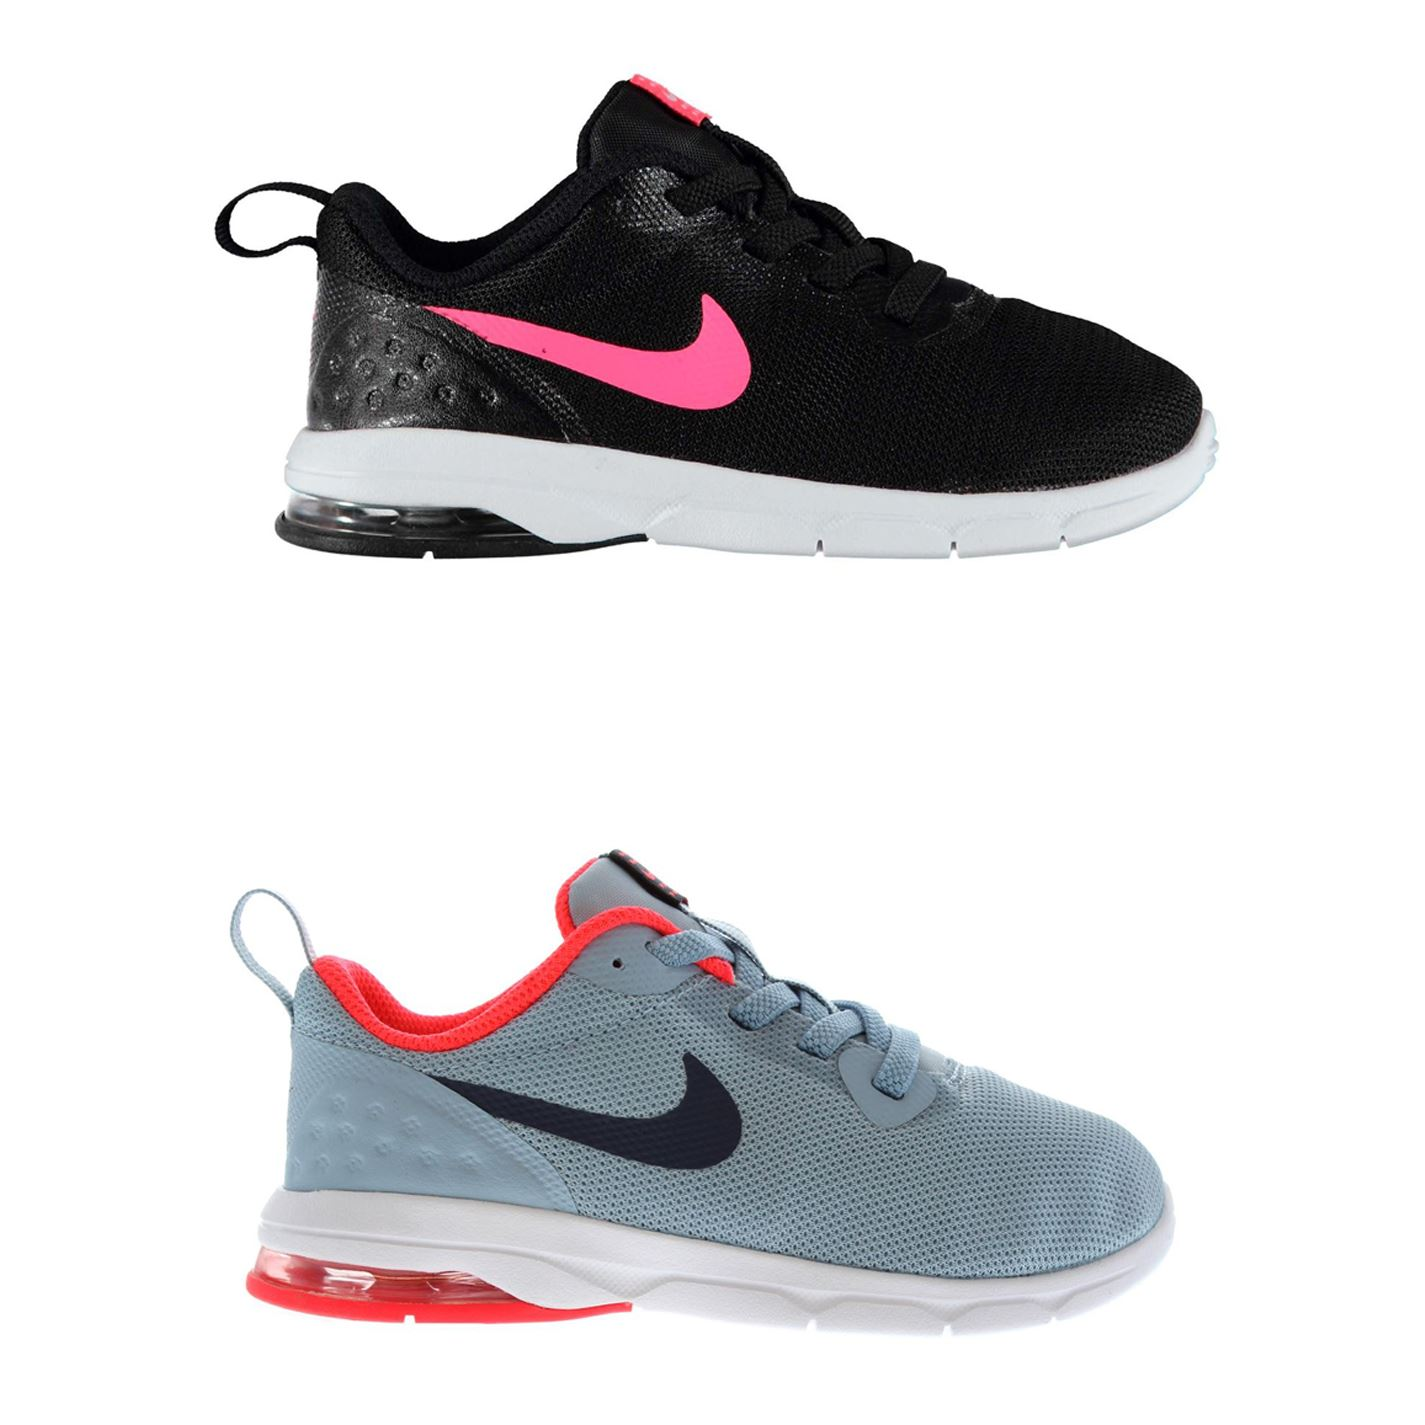 Detalles de Nike Air Max Motion Lw Zapatillas para Niña Zapatos Calzado